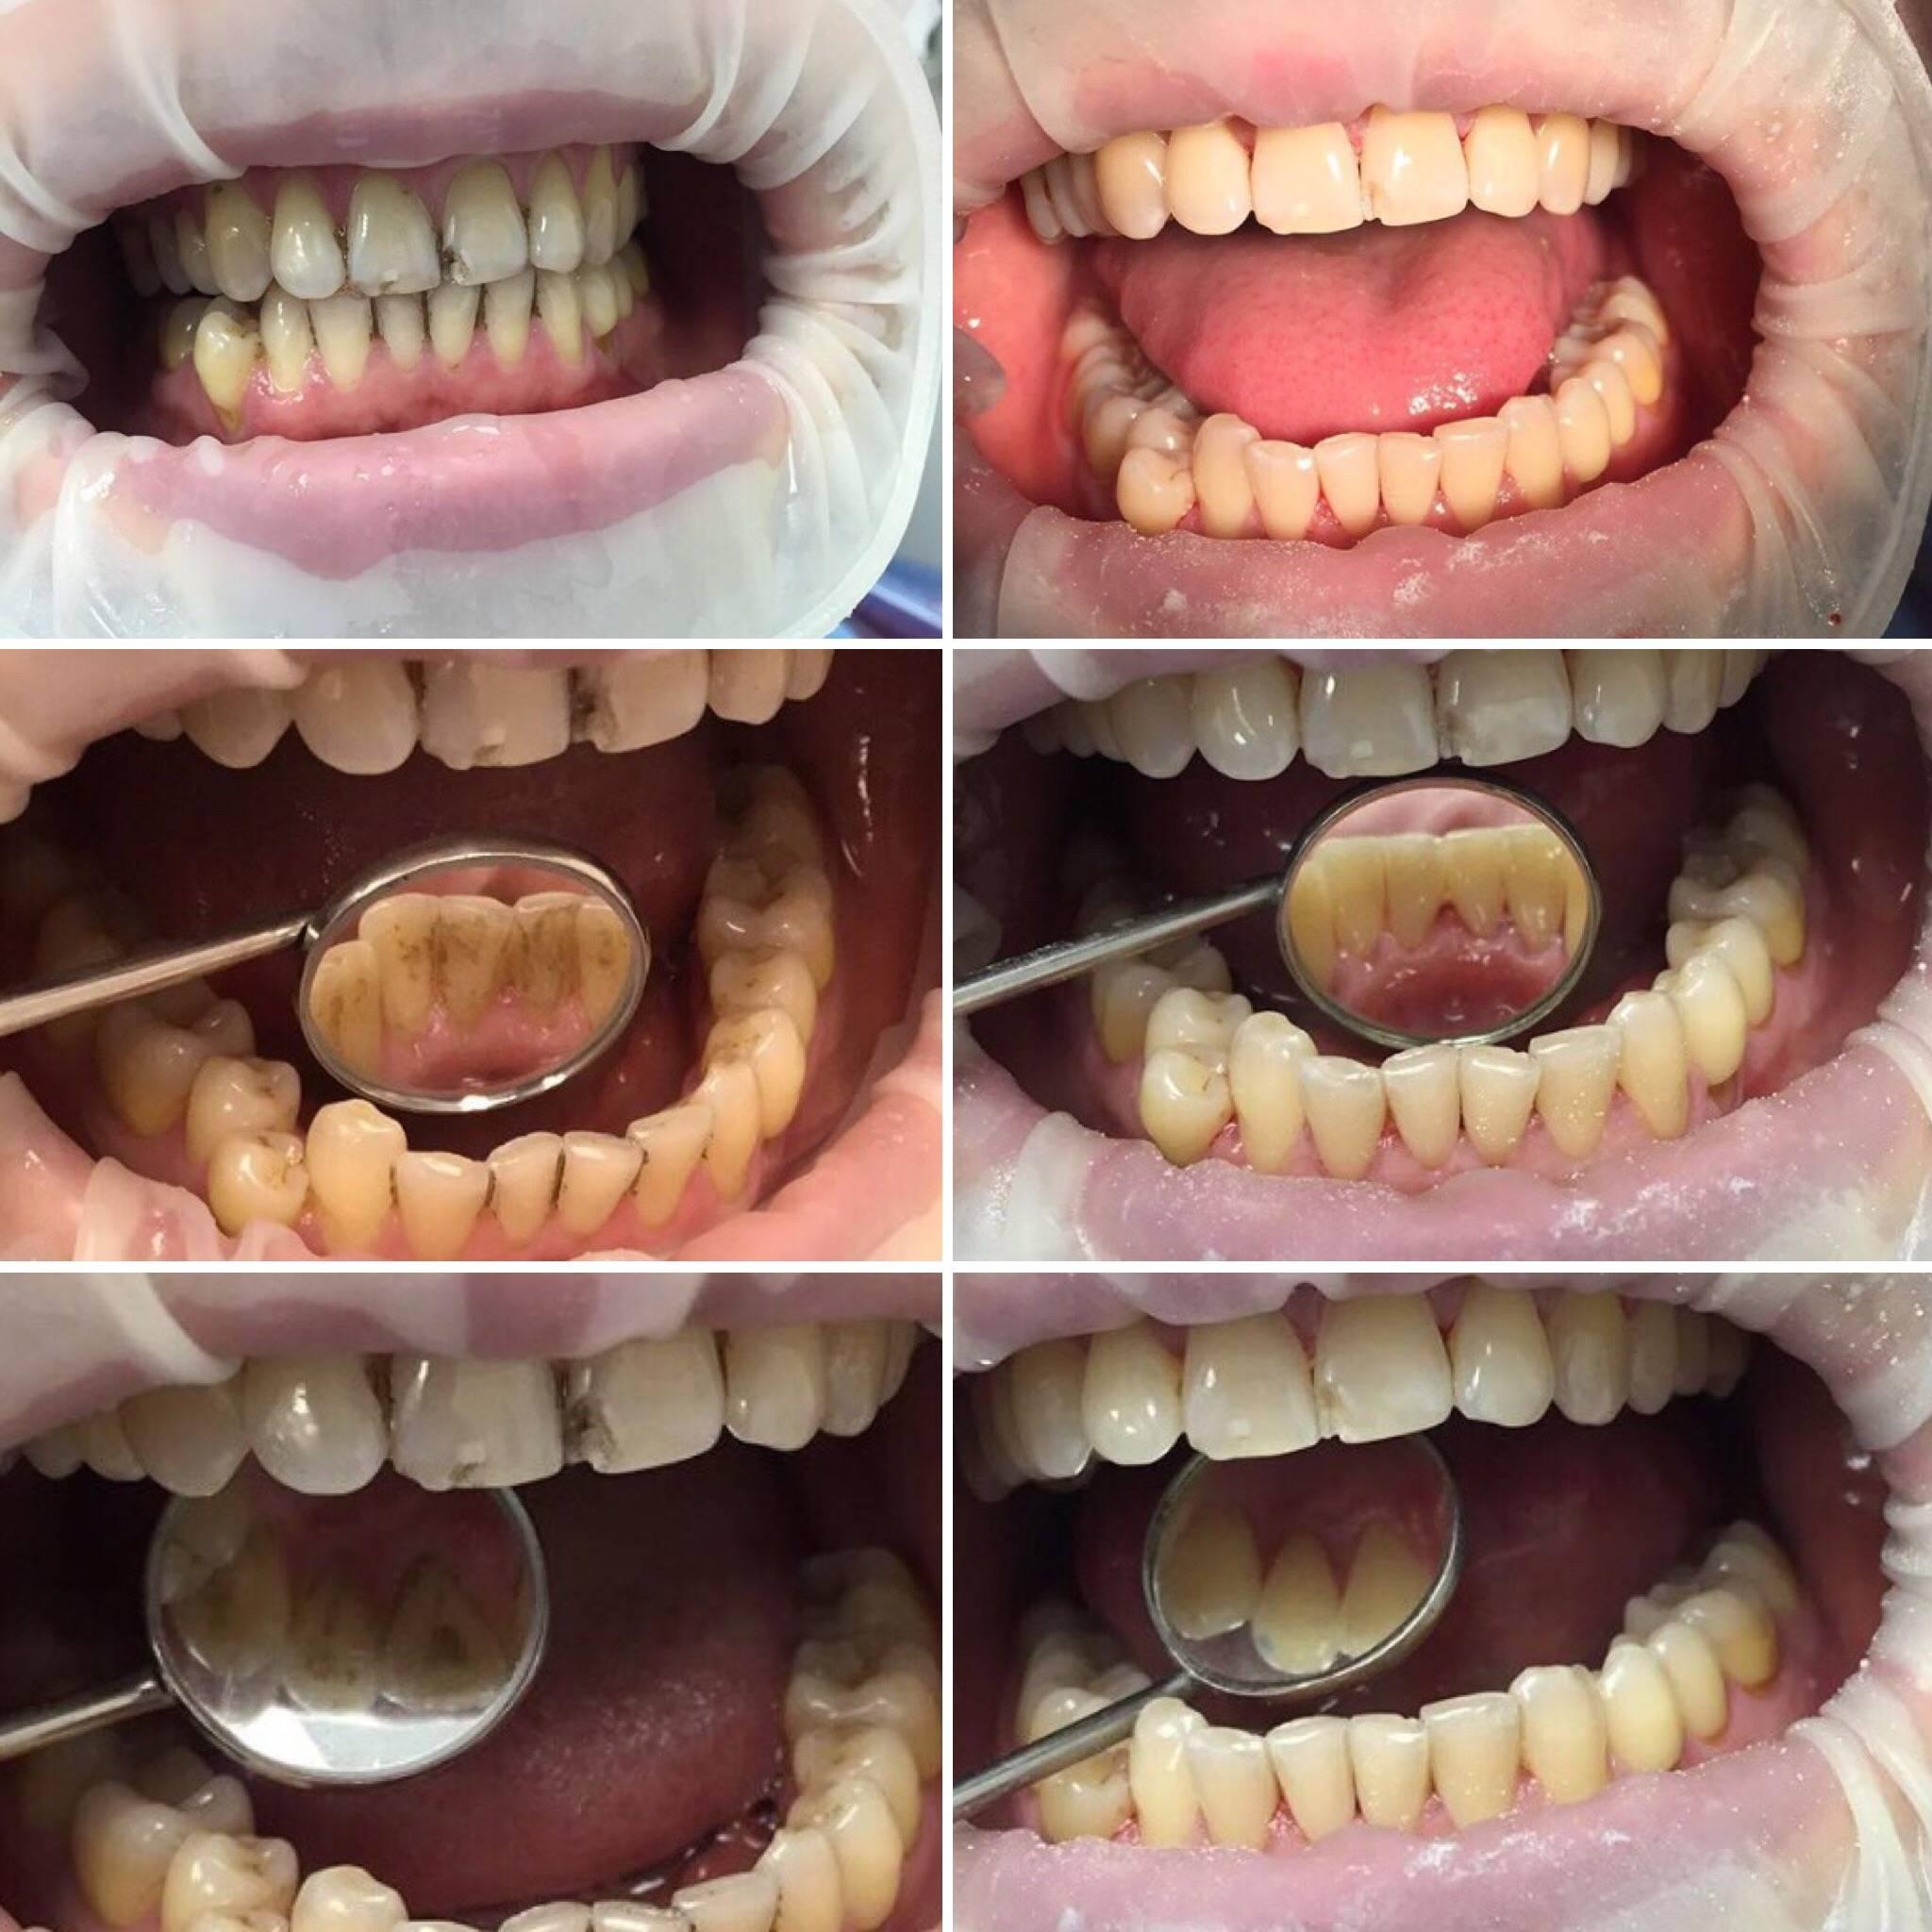 Профессиональная гигиена полости рта: инструменты и средства, противопоказания для проведения процедуры